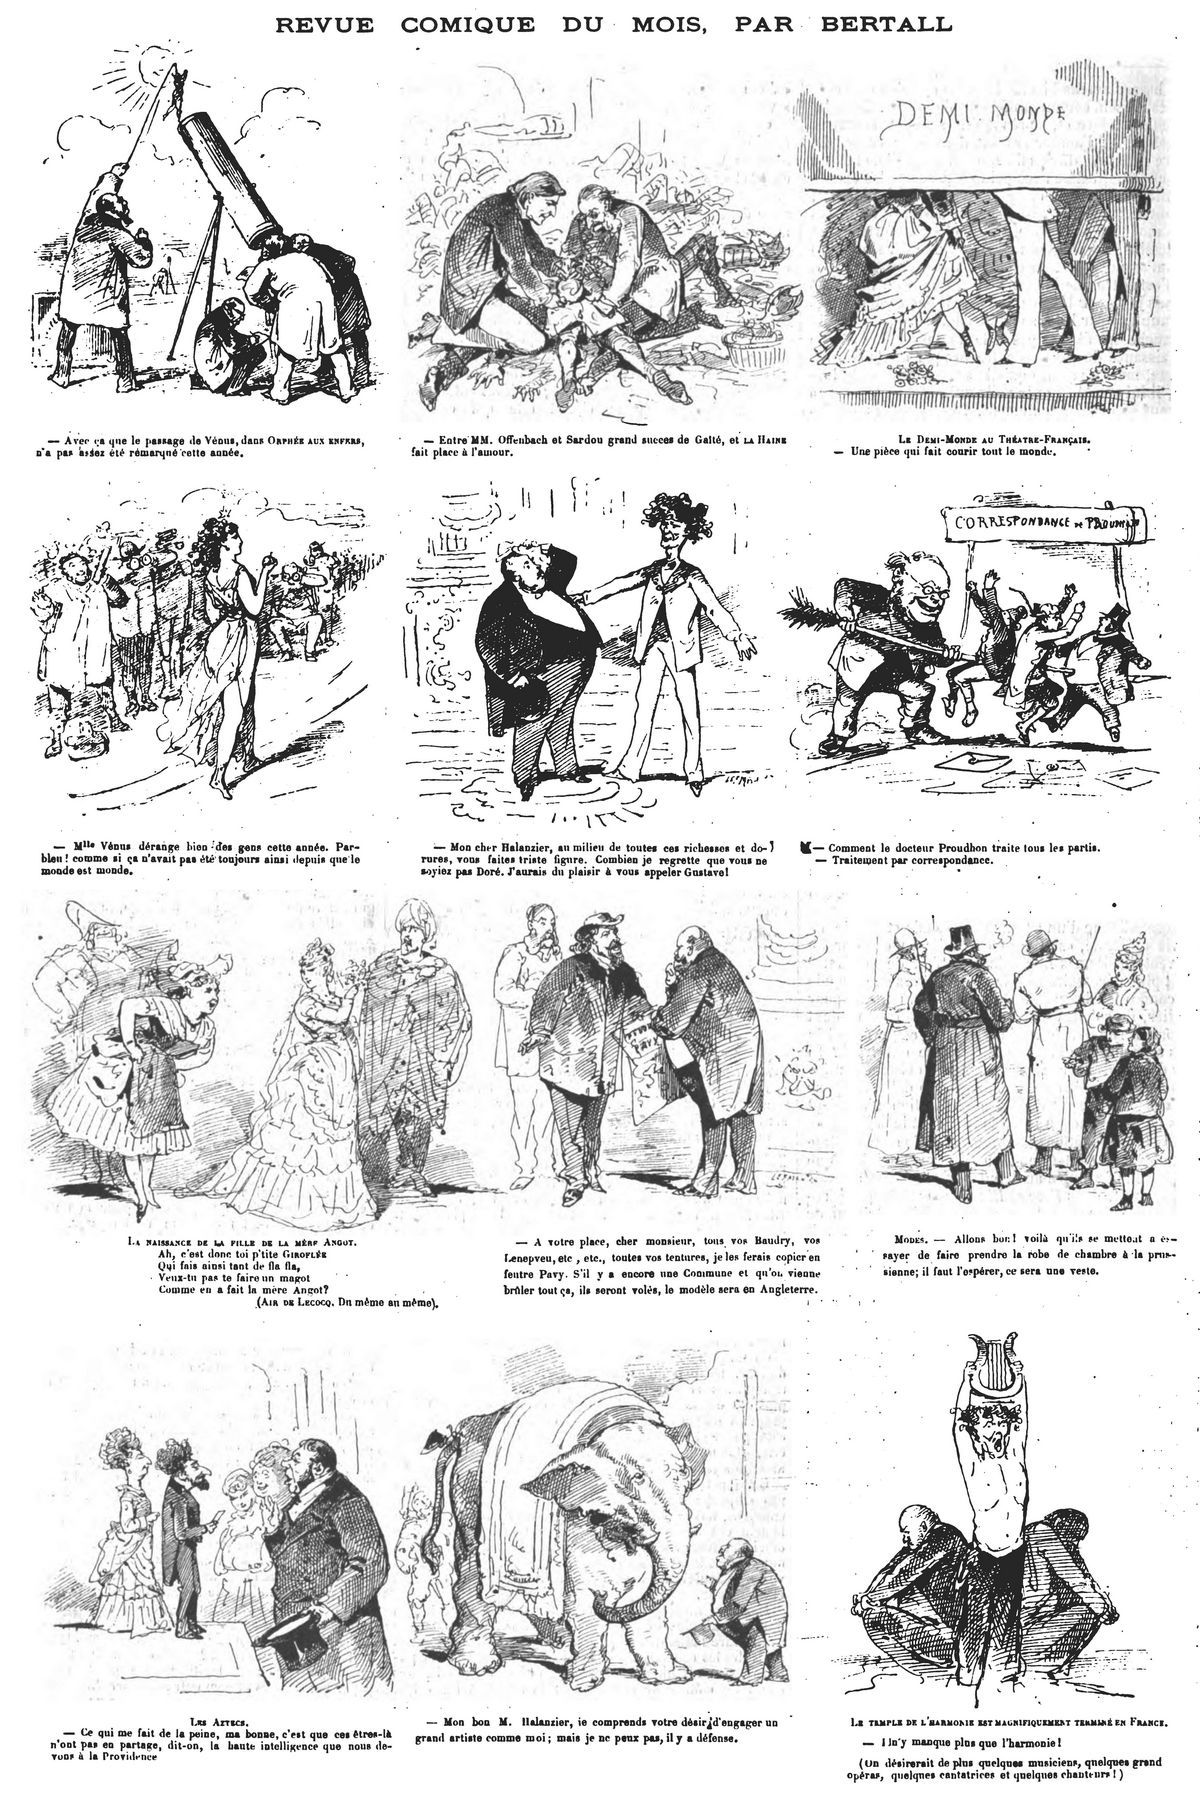 Revue comique du mois, par Bertall ( 13 sujets). (Gravure 1874)